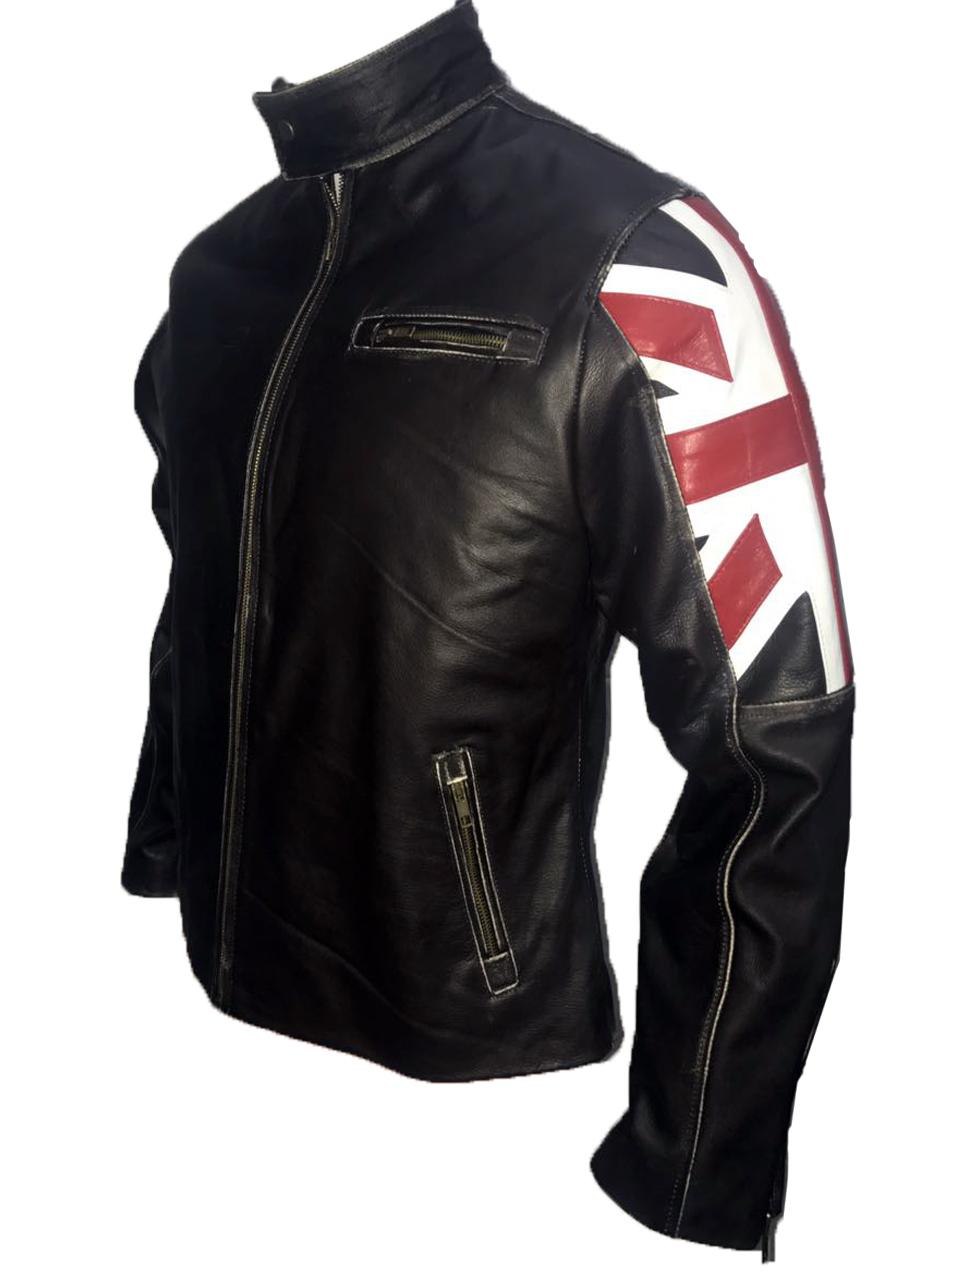 British leather jackets